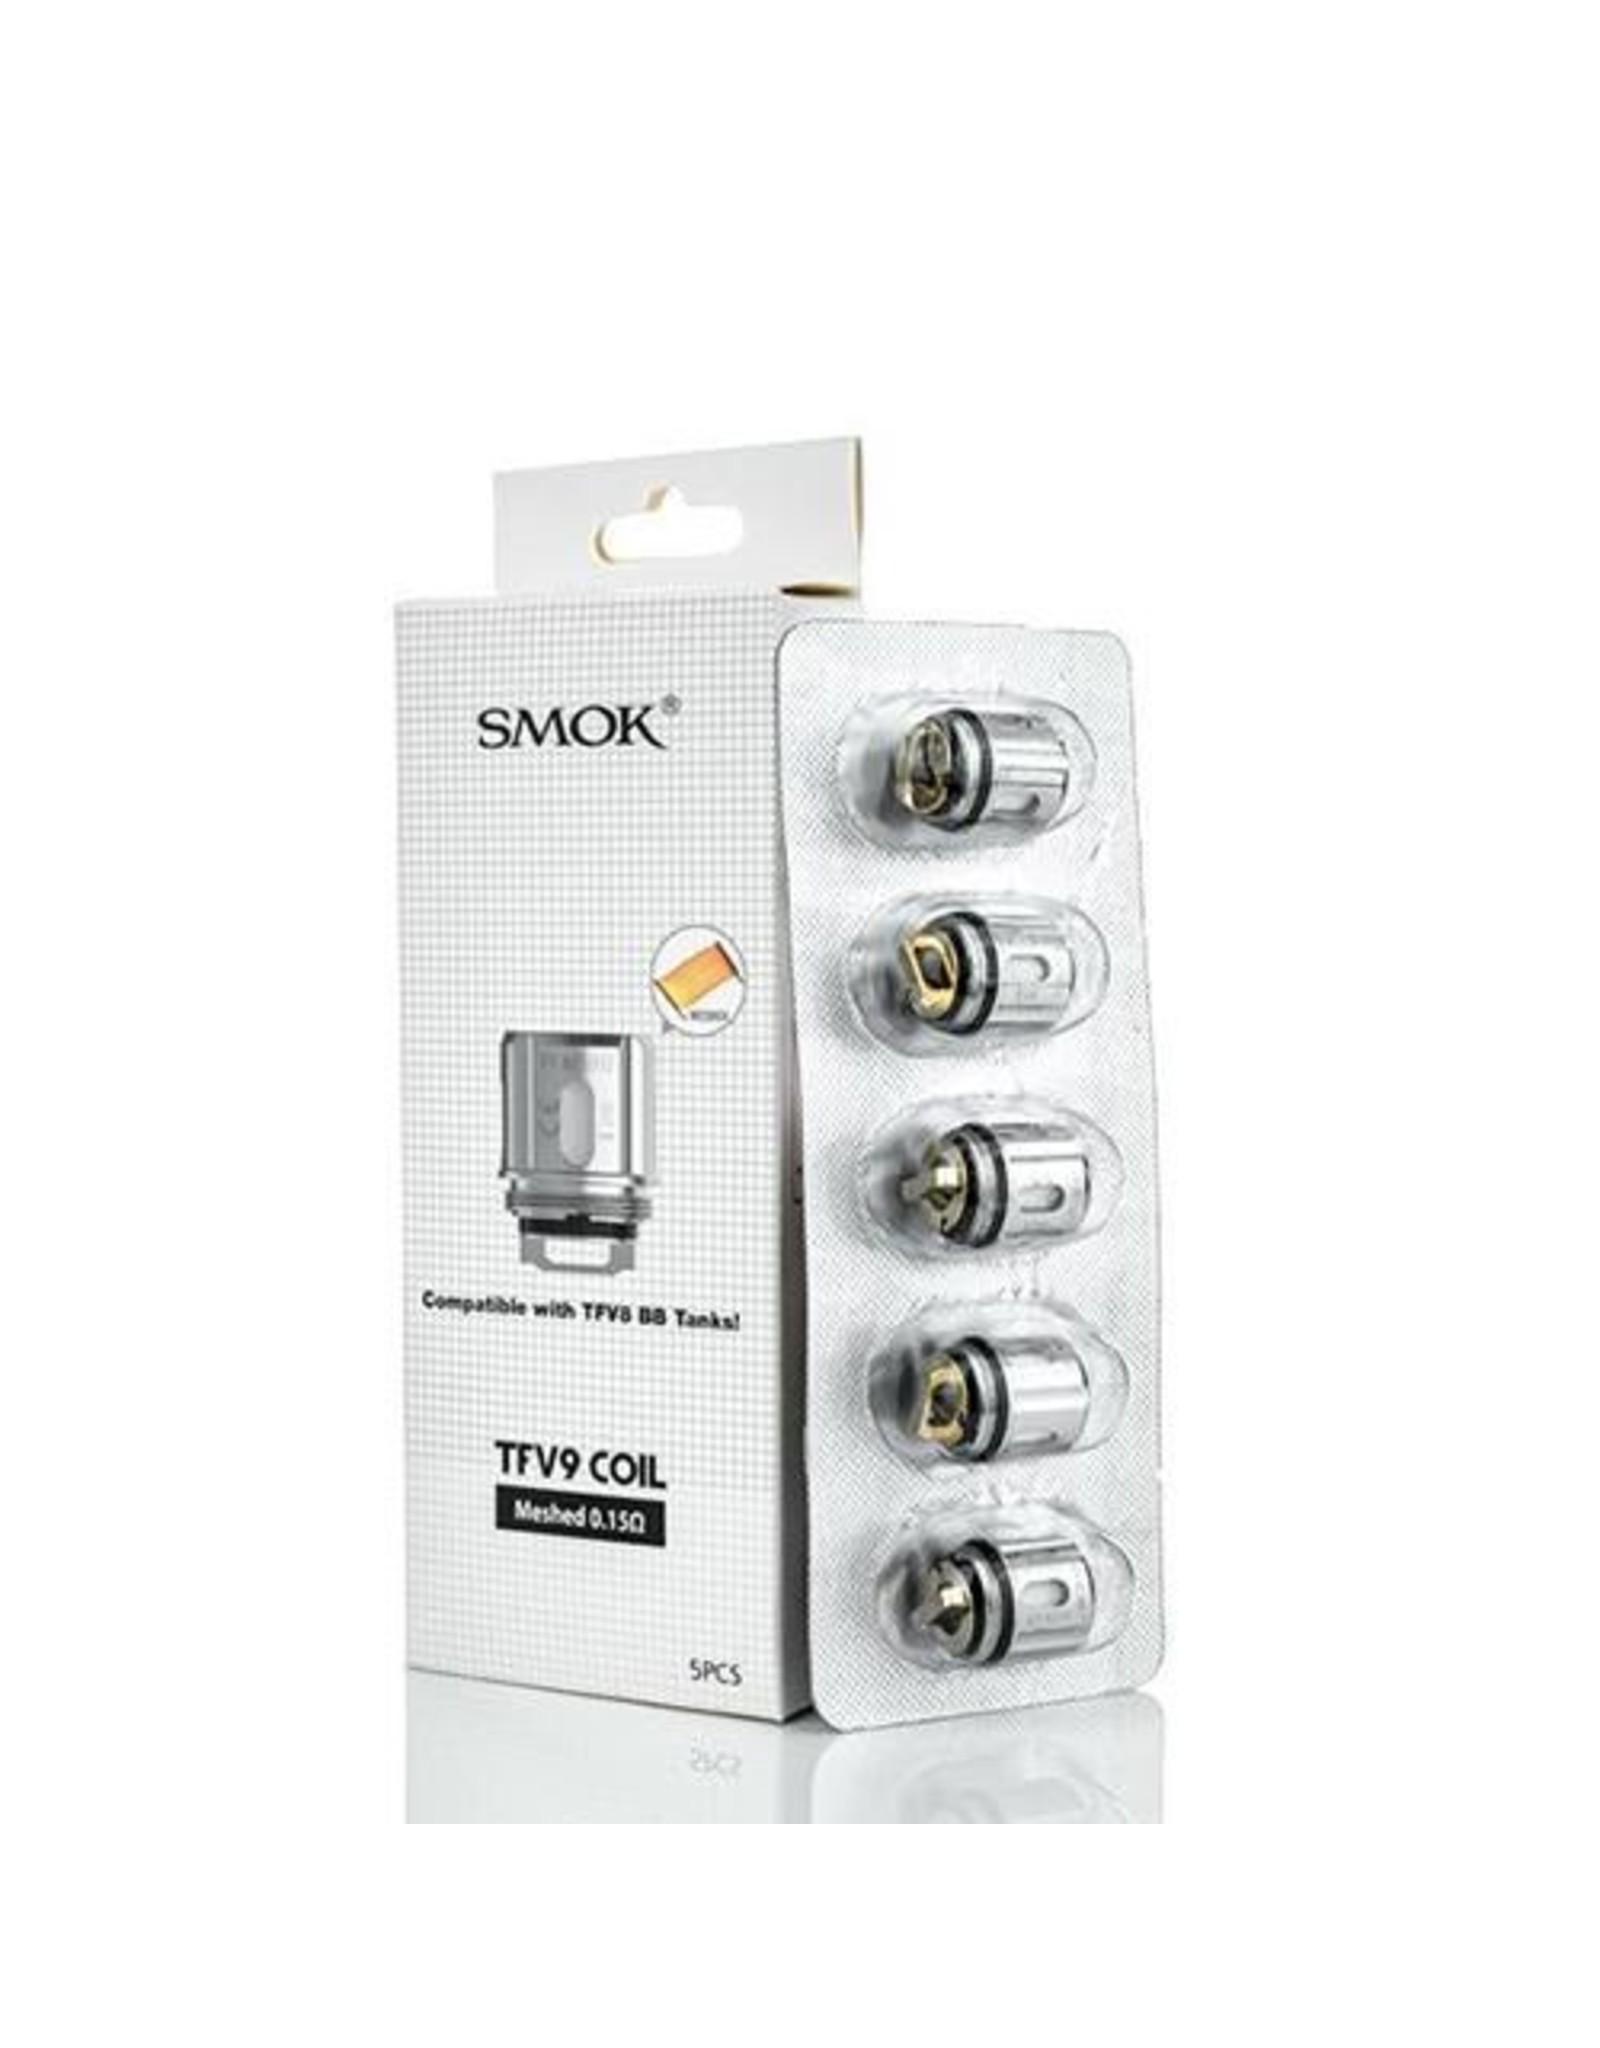 Smok Smok TFV9 Replacement Coils 0.15ohm Mesh